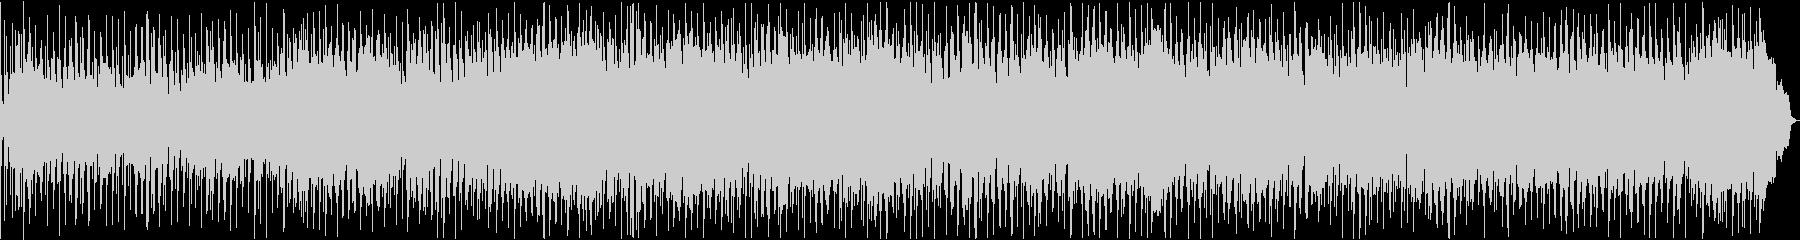 ブルージーなハーモニカのブルースの未再生の波形